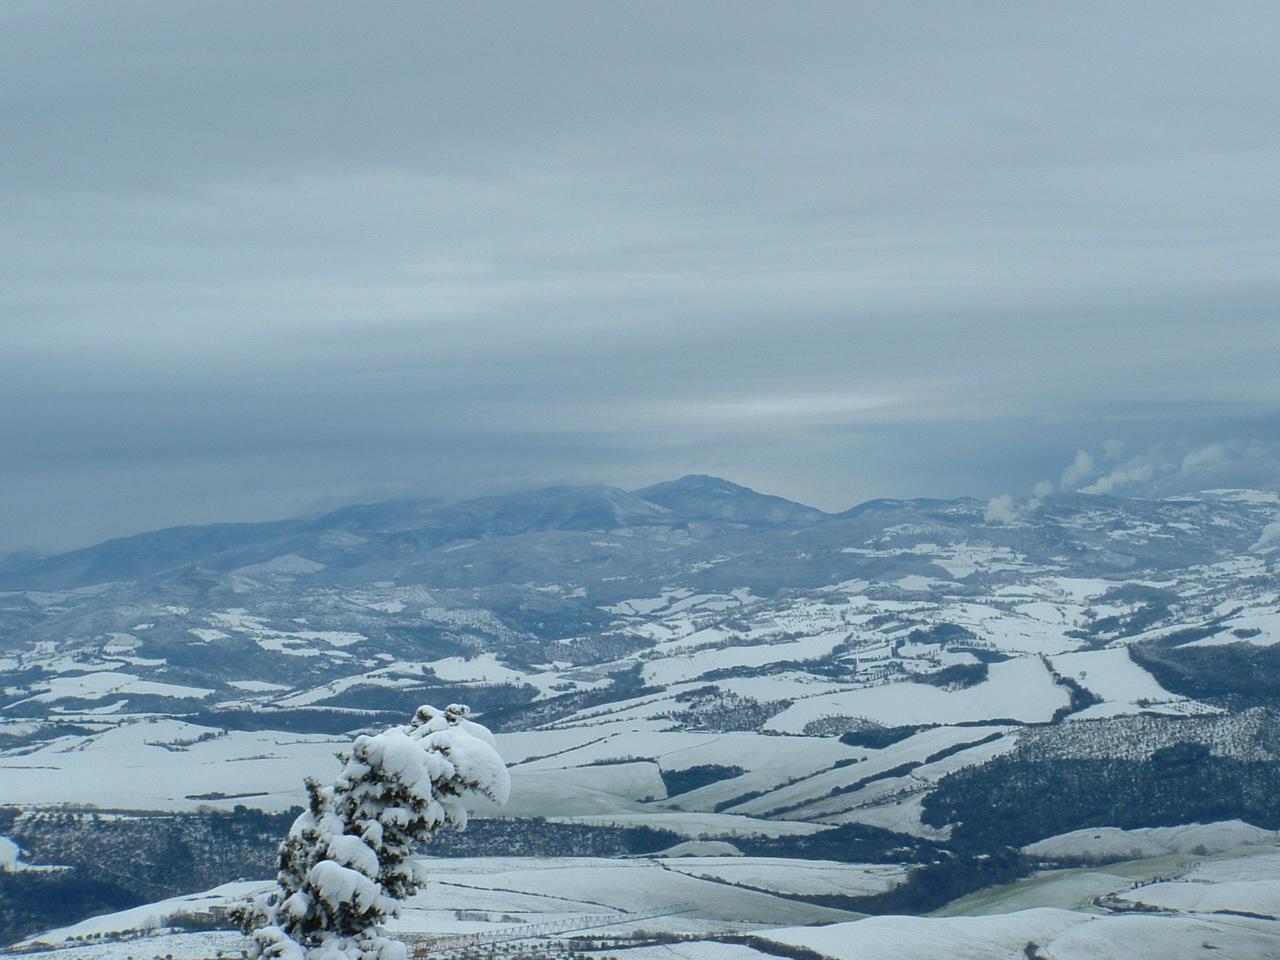 Volterra fotoreportage neve 9/10 marzo 2010..l'apoteosi nevosa!!-foto-mattina-volterra-10-marzo-2010-2-10-.jpg